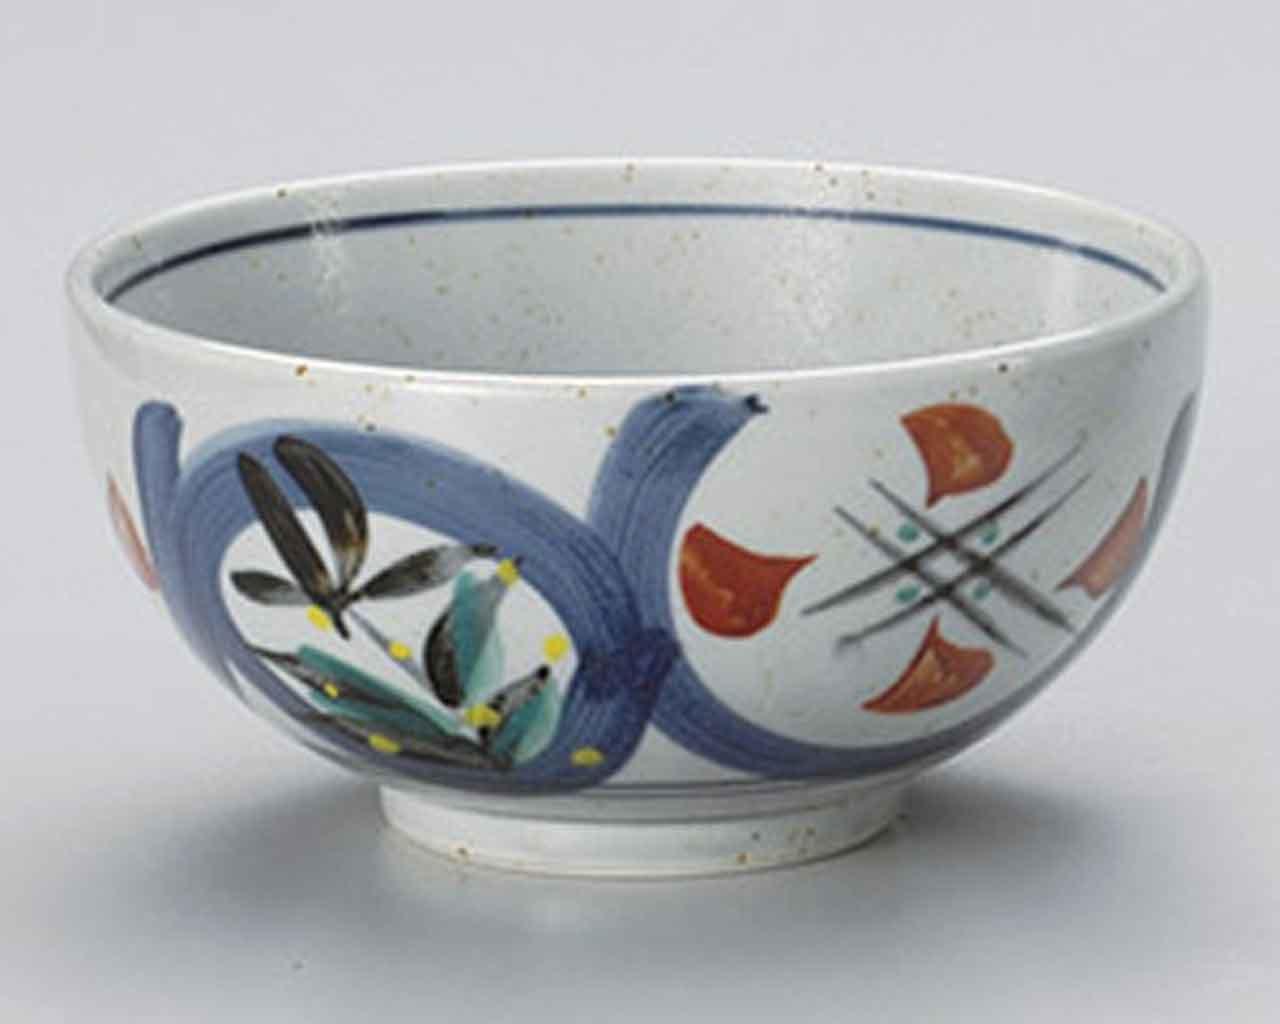 Mashiko Marumon 6.1inch Set of 5 Ramen-Bowls Grey porcelain Made in Japan